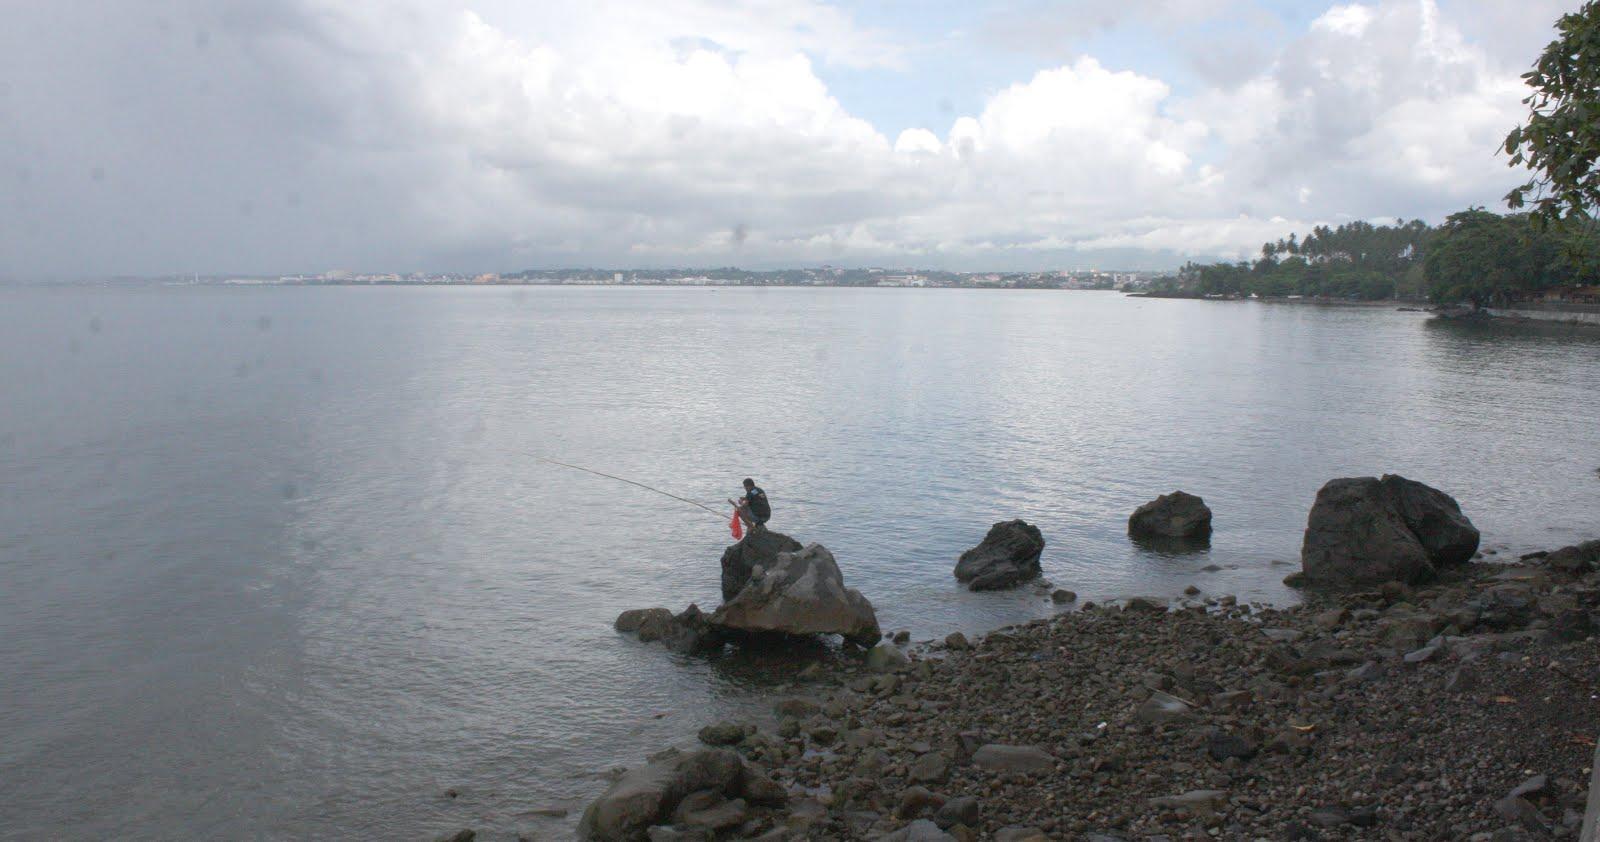 Riang Pesisir Malalayang Pengunjung Pantai Bermancing Ikan Kota Manado Potensi